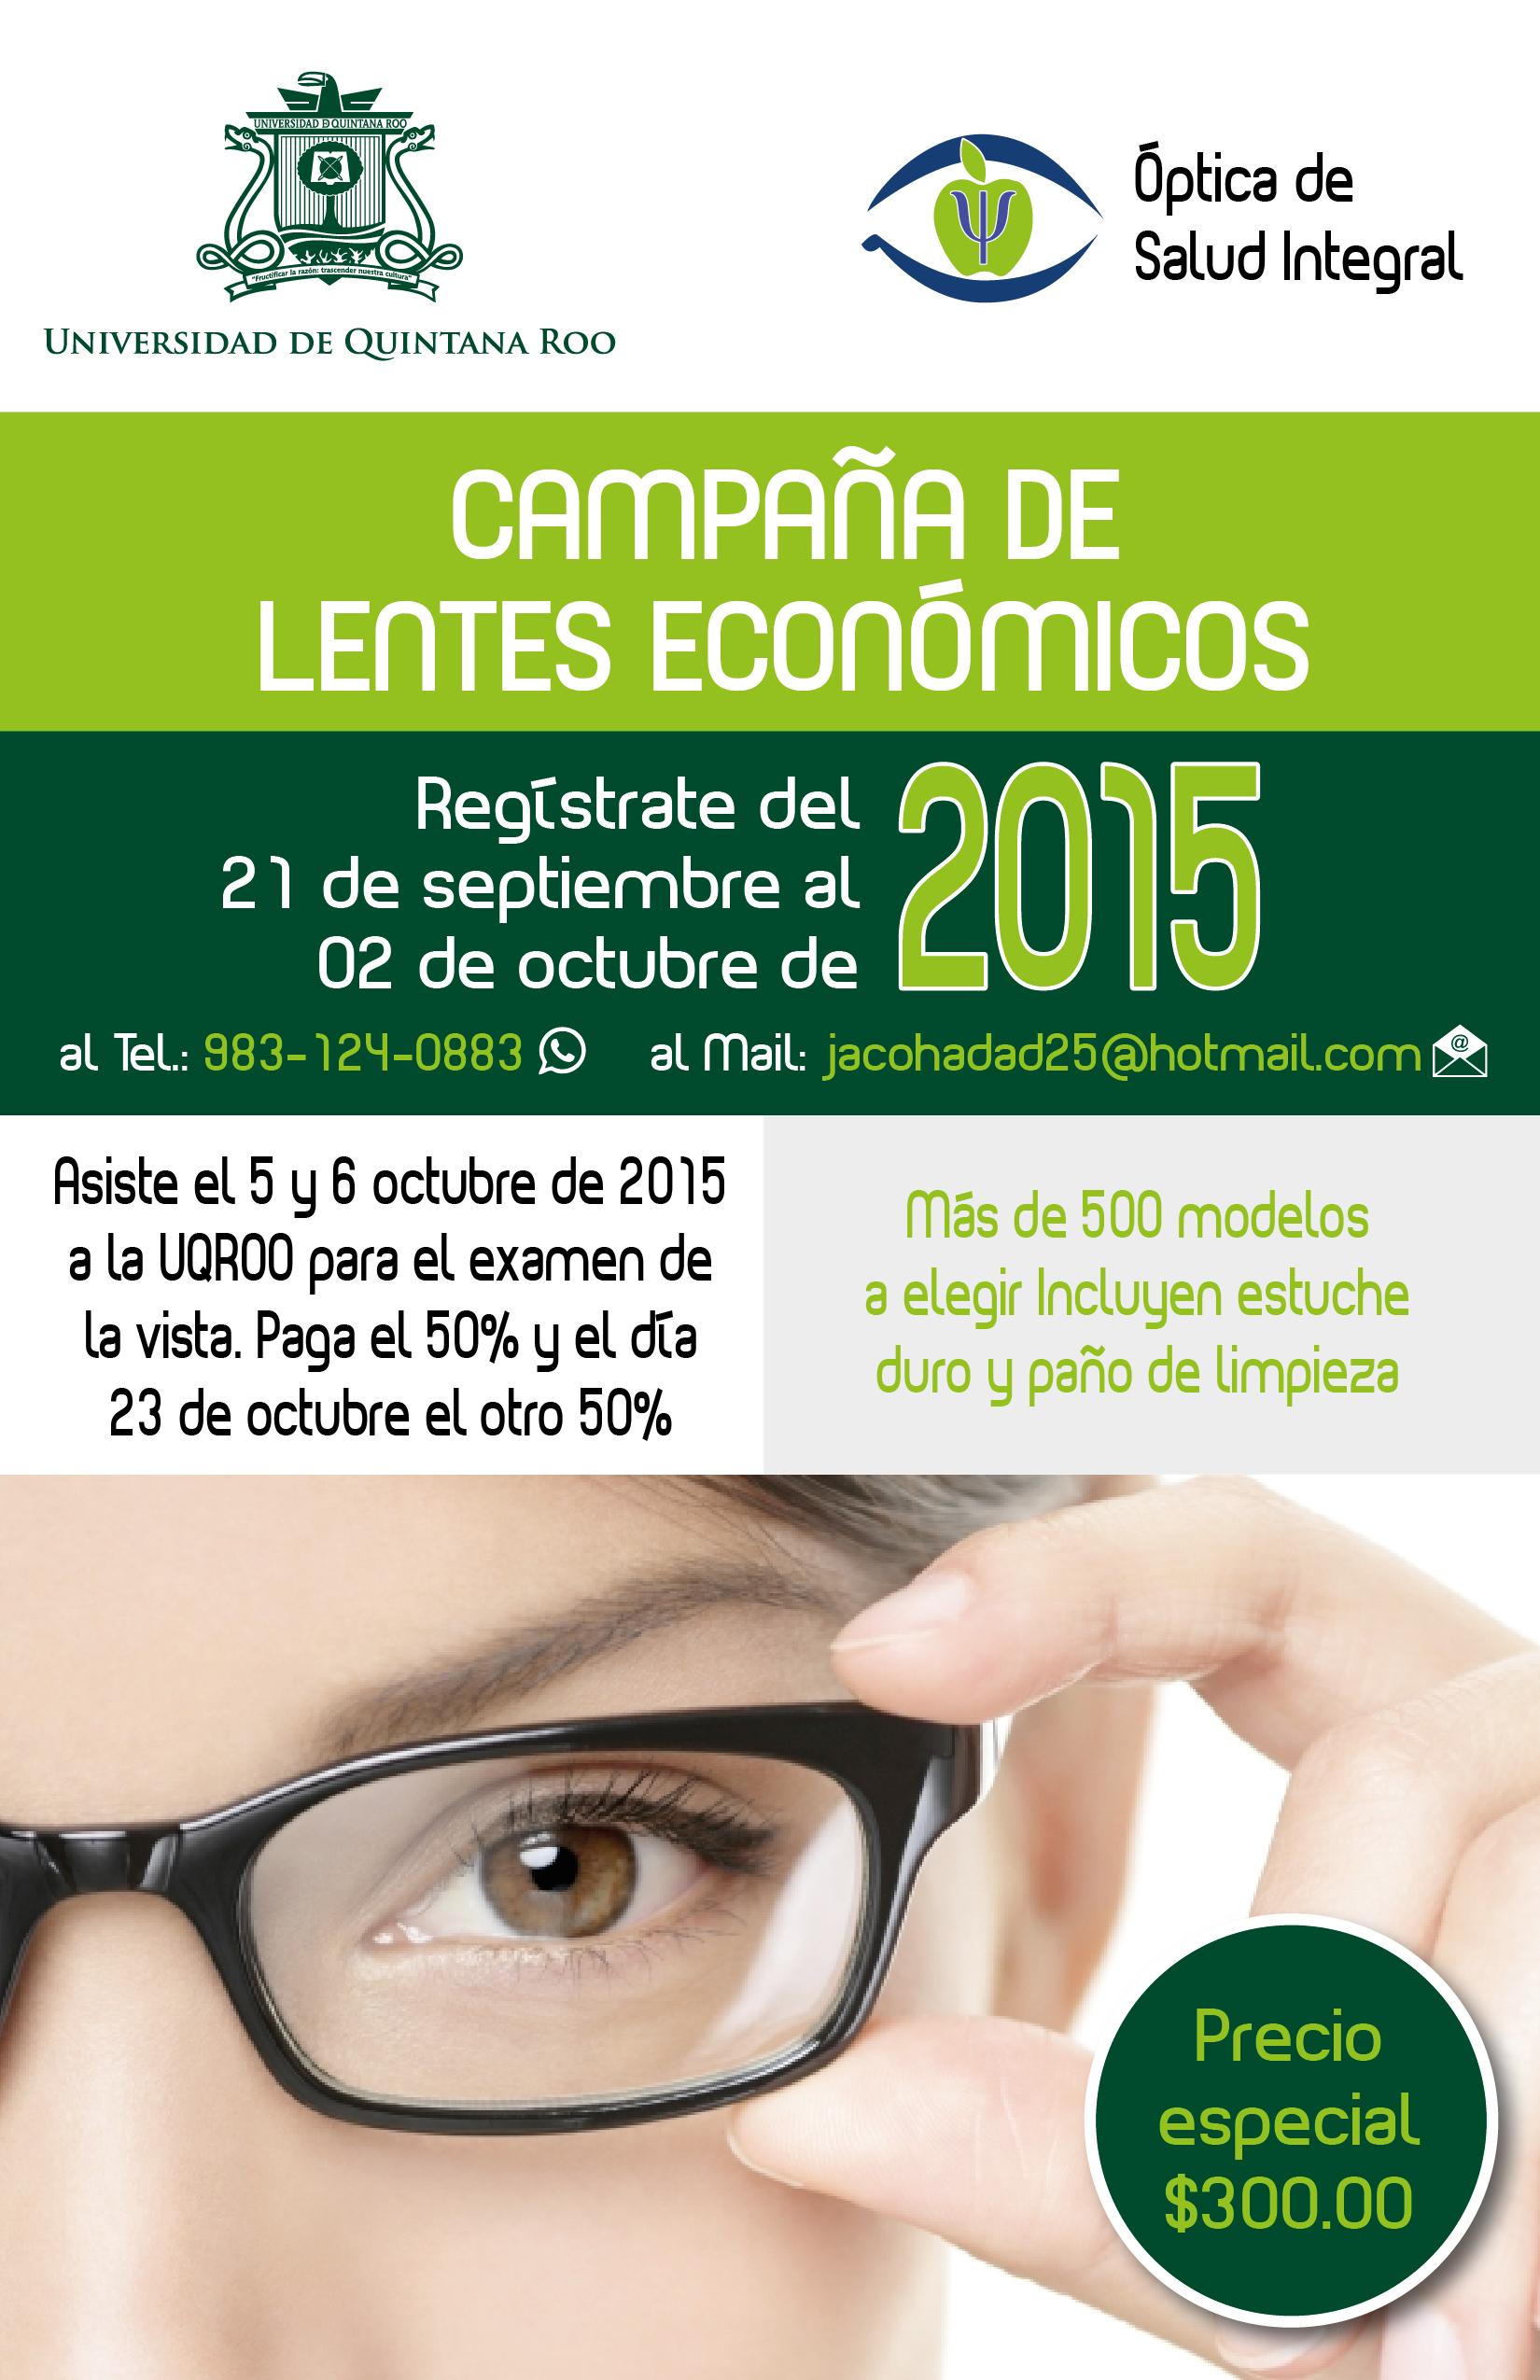 9b4c1821d0 Asiste el 5 y 6 de octubre de 2015 a la UQROO para el examen de la vista.  Paga el 50% y el día 23 de octubre el otro 50%.